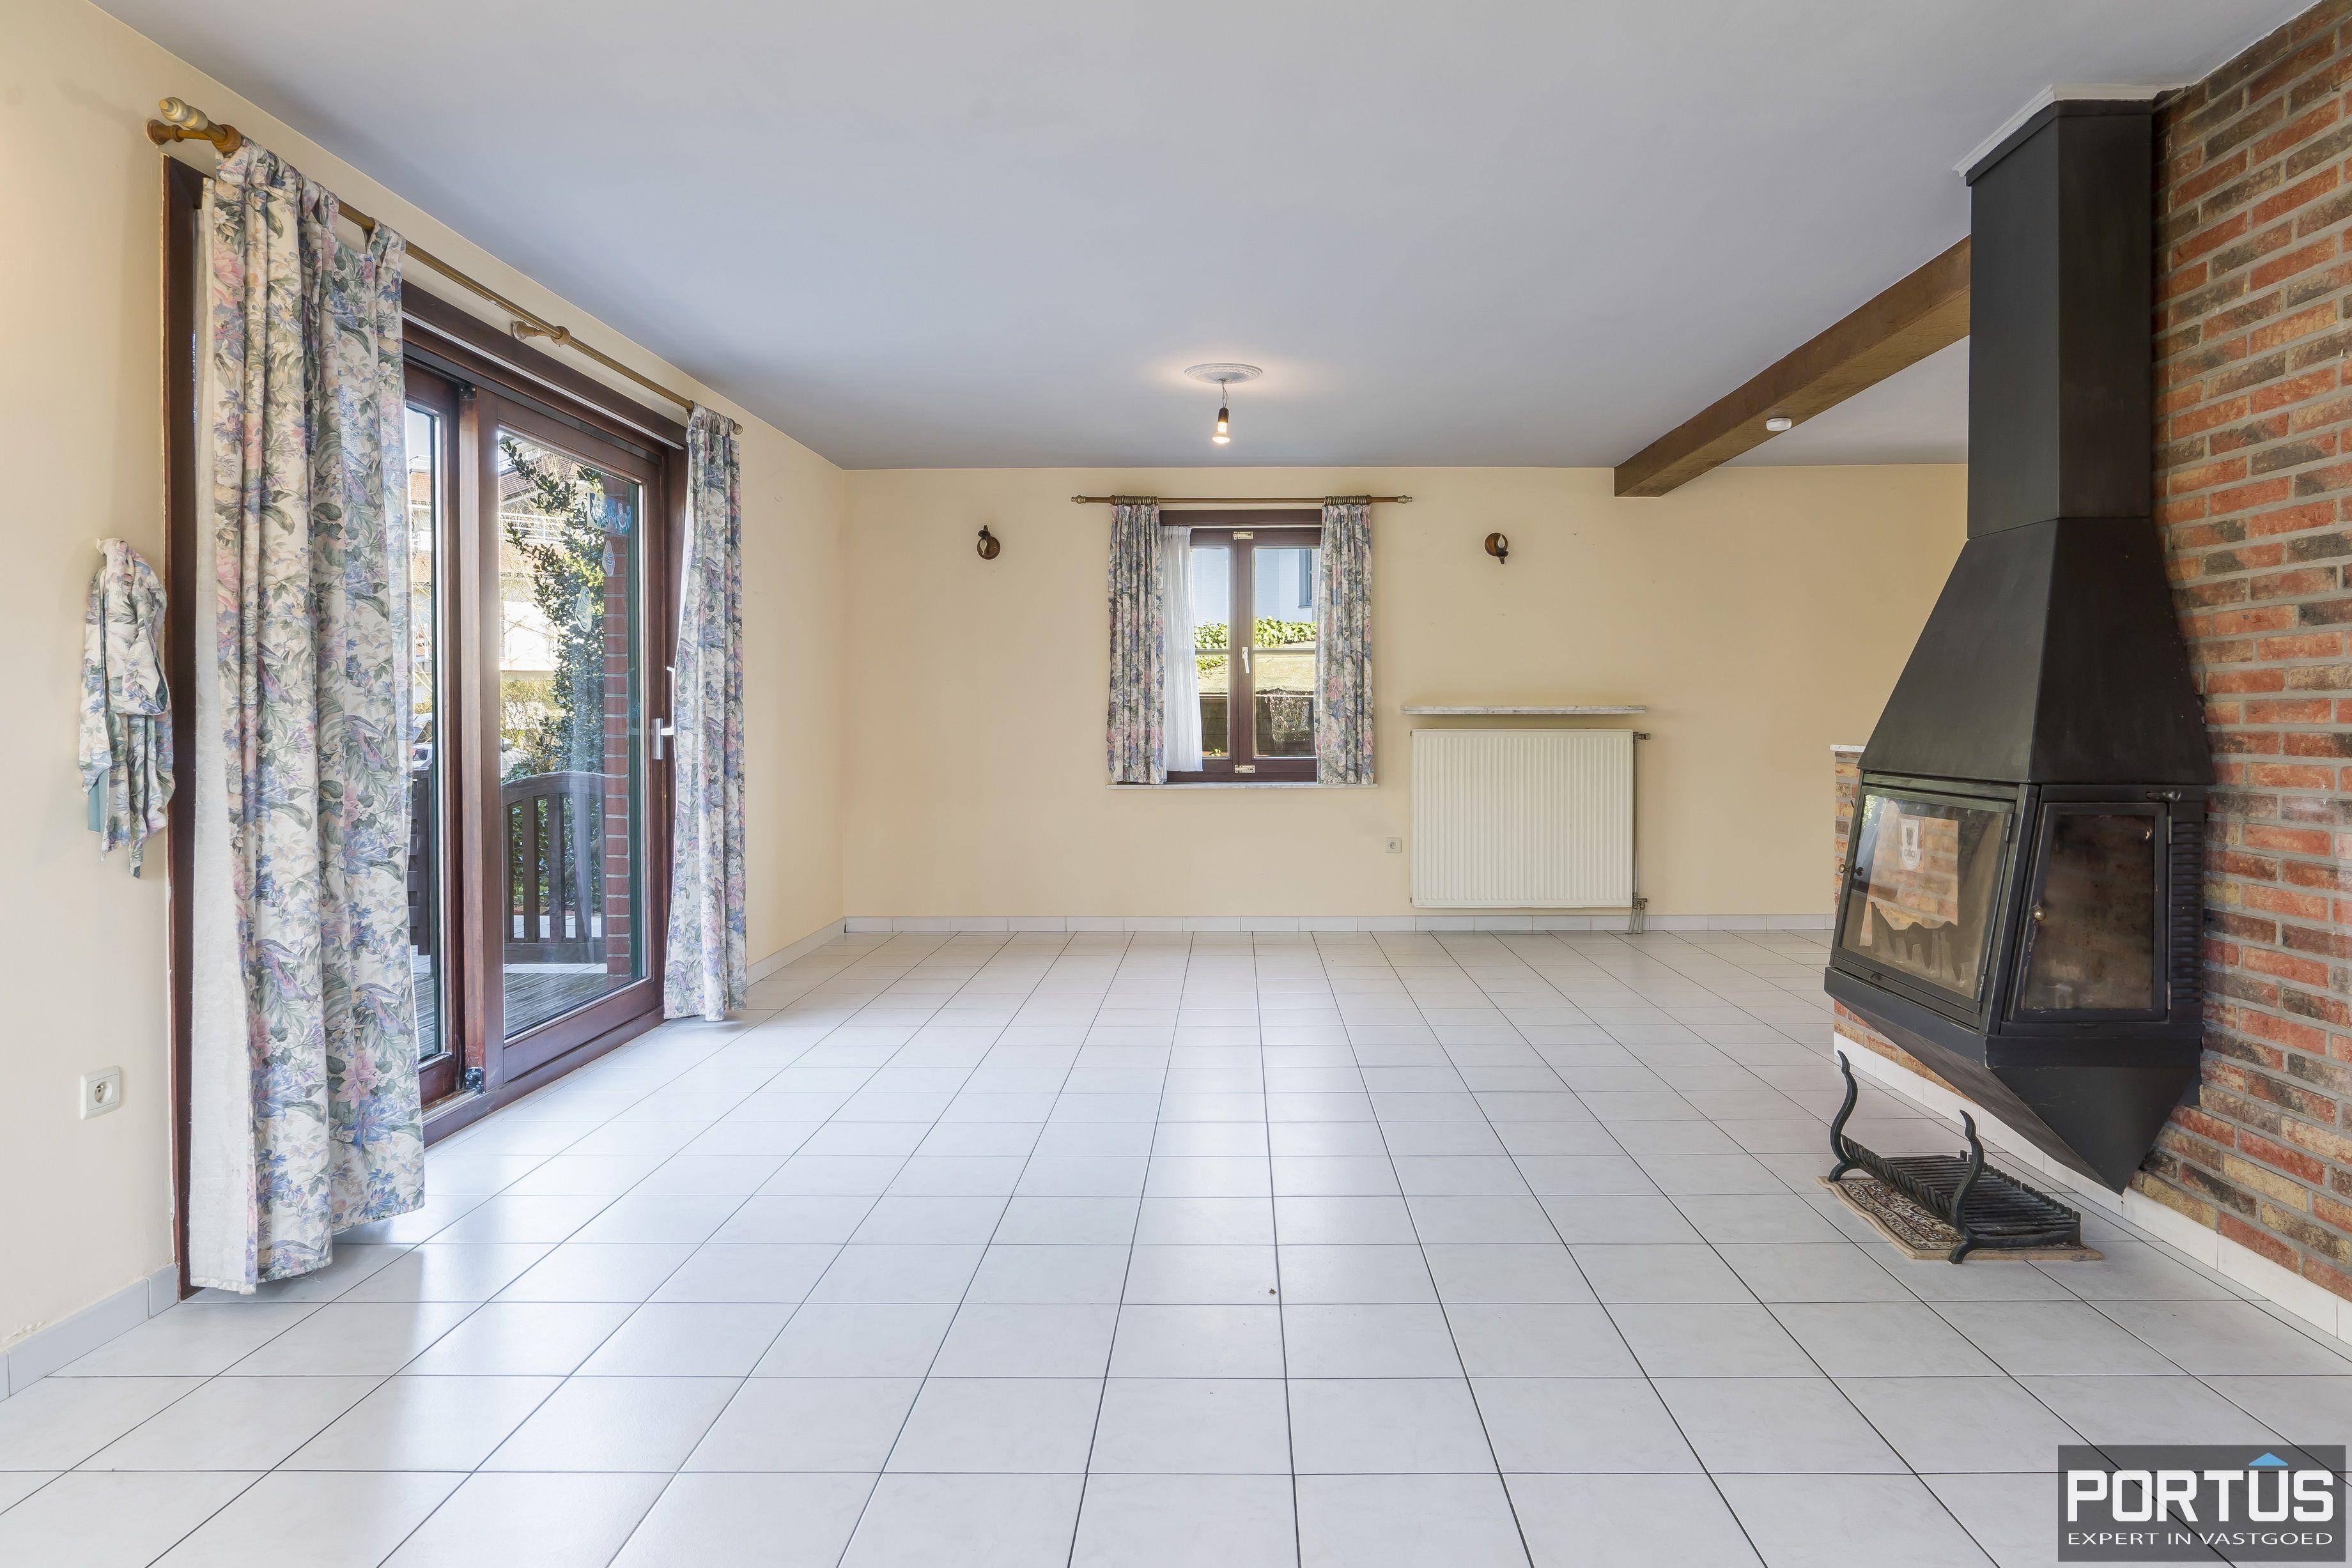 Villa te koop met 3 slaapkamers te Nieuwpoort - 12476